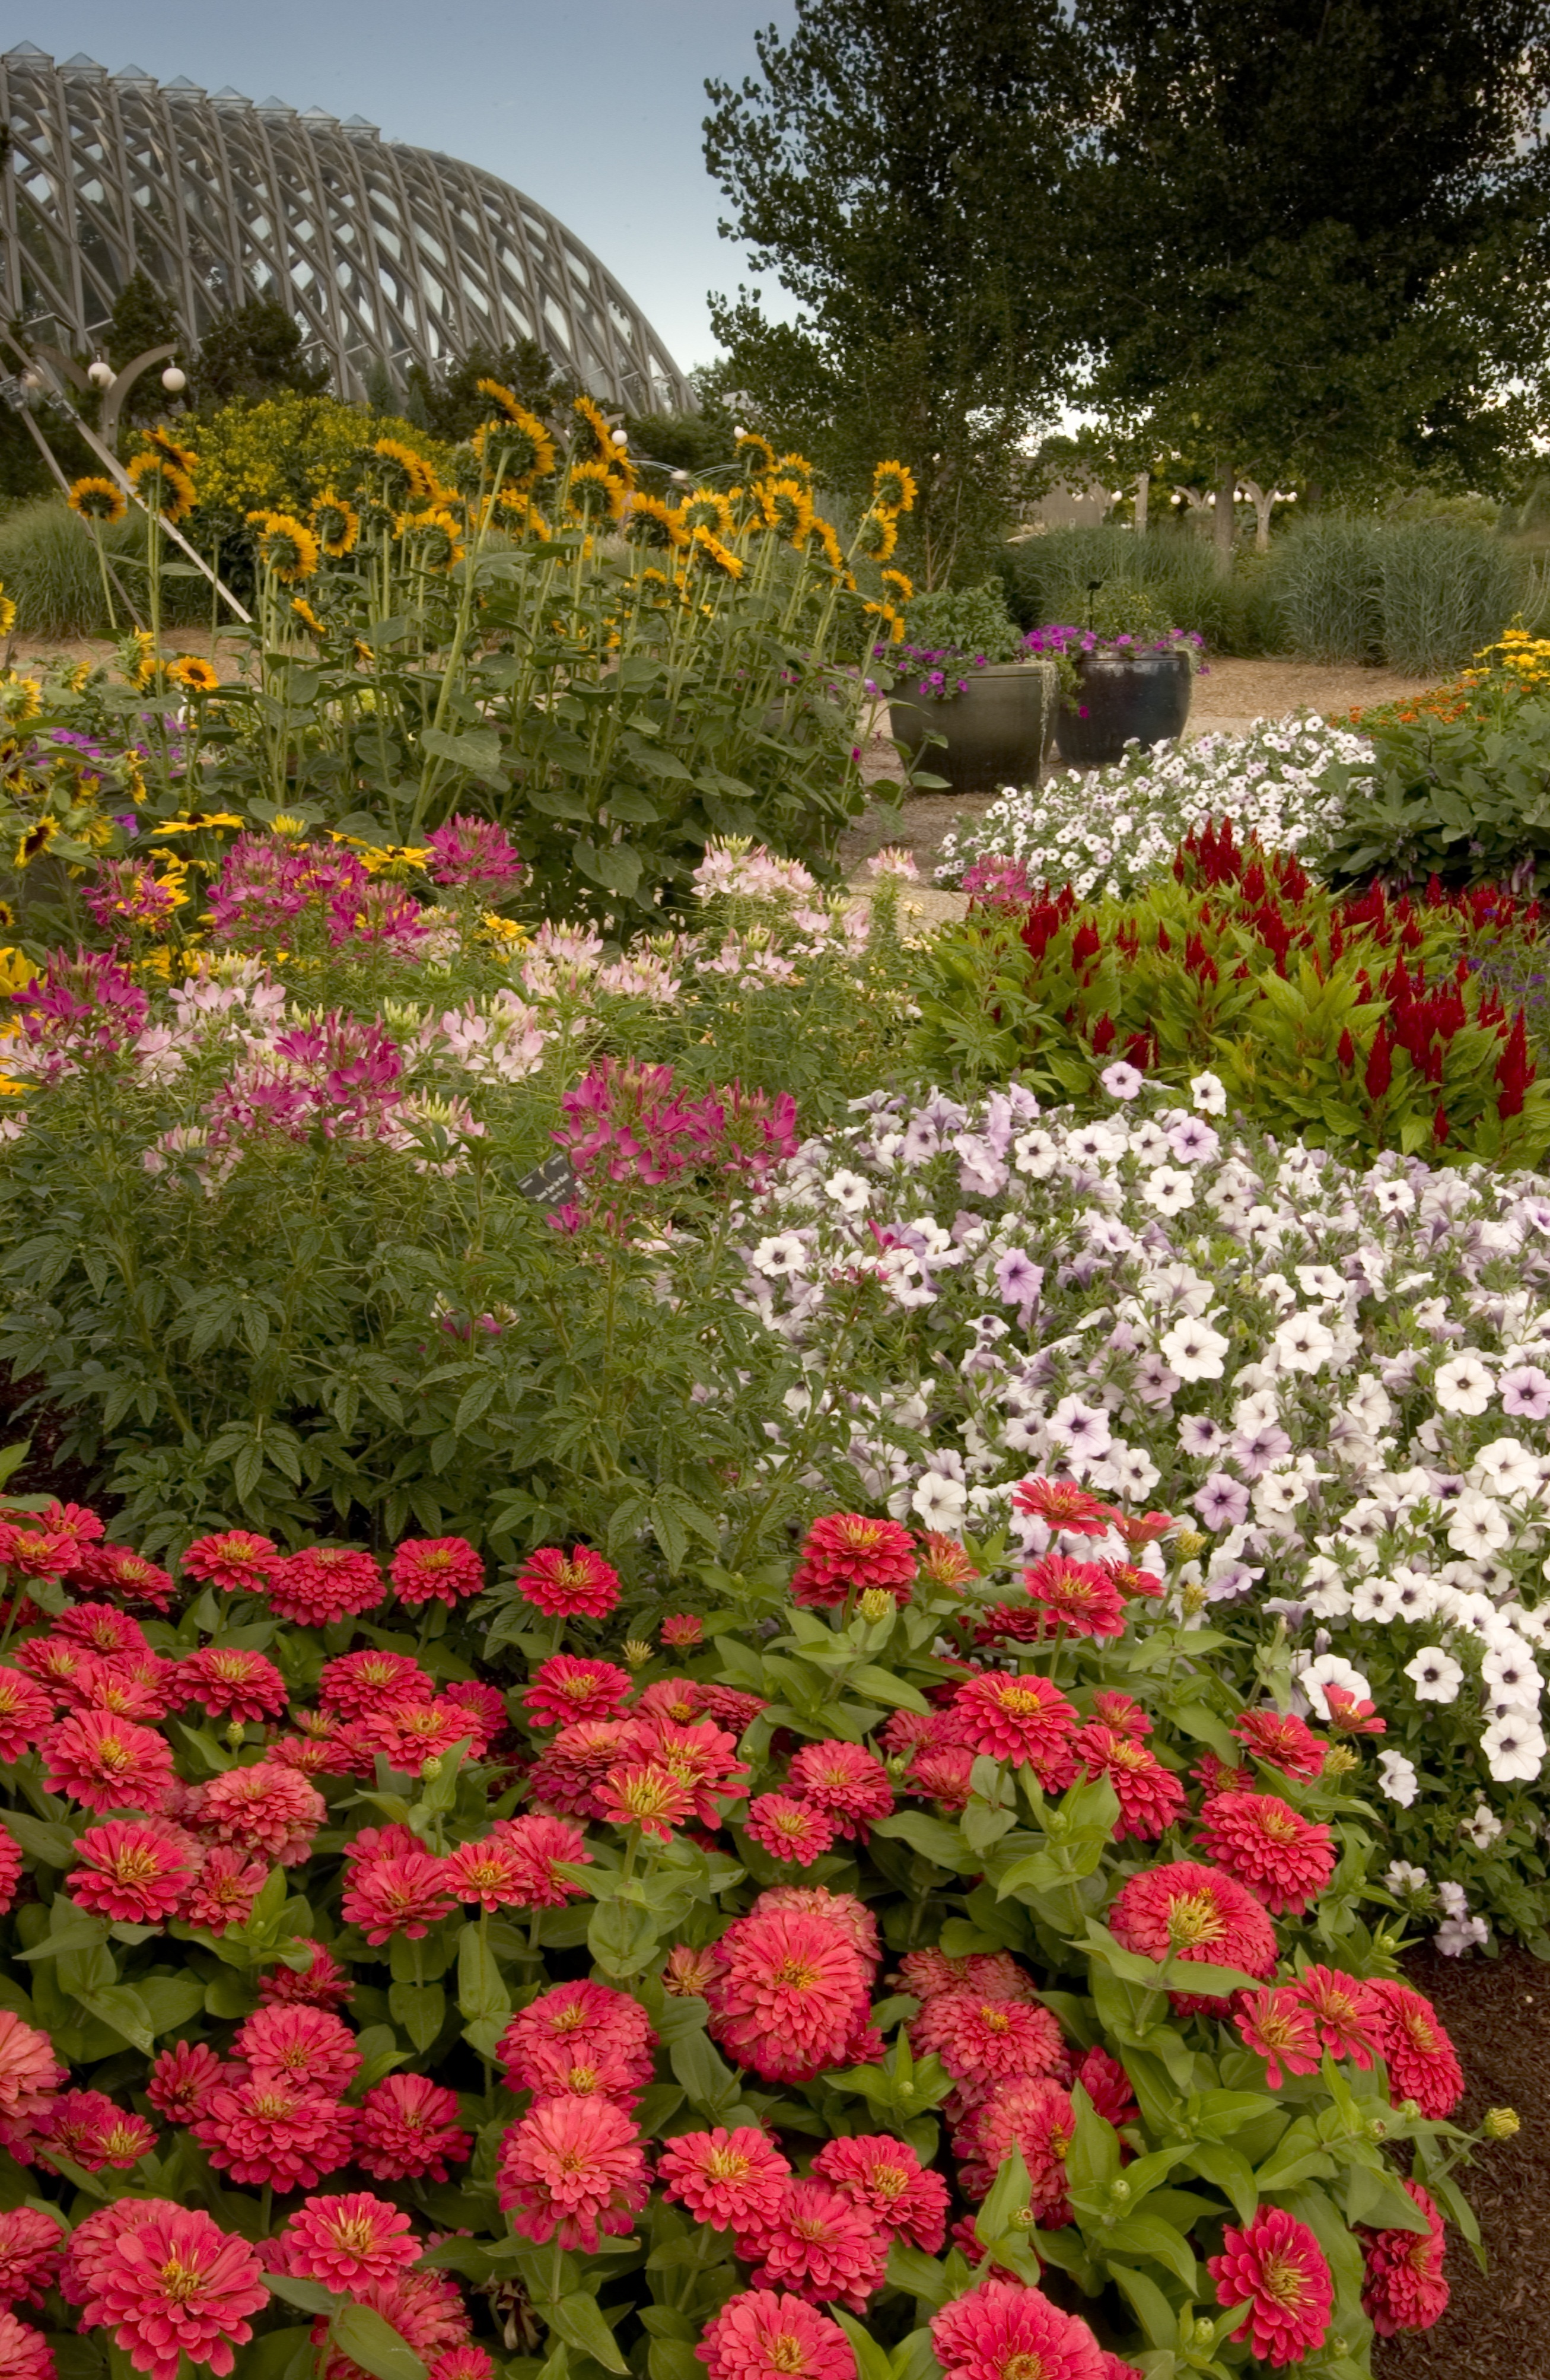 Rock Alpine Garden.Denver Botanic Gardens | Landscape Designs Which ...